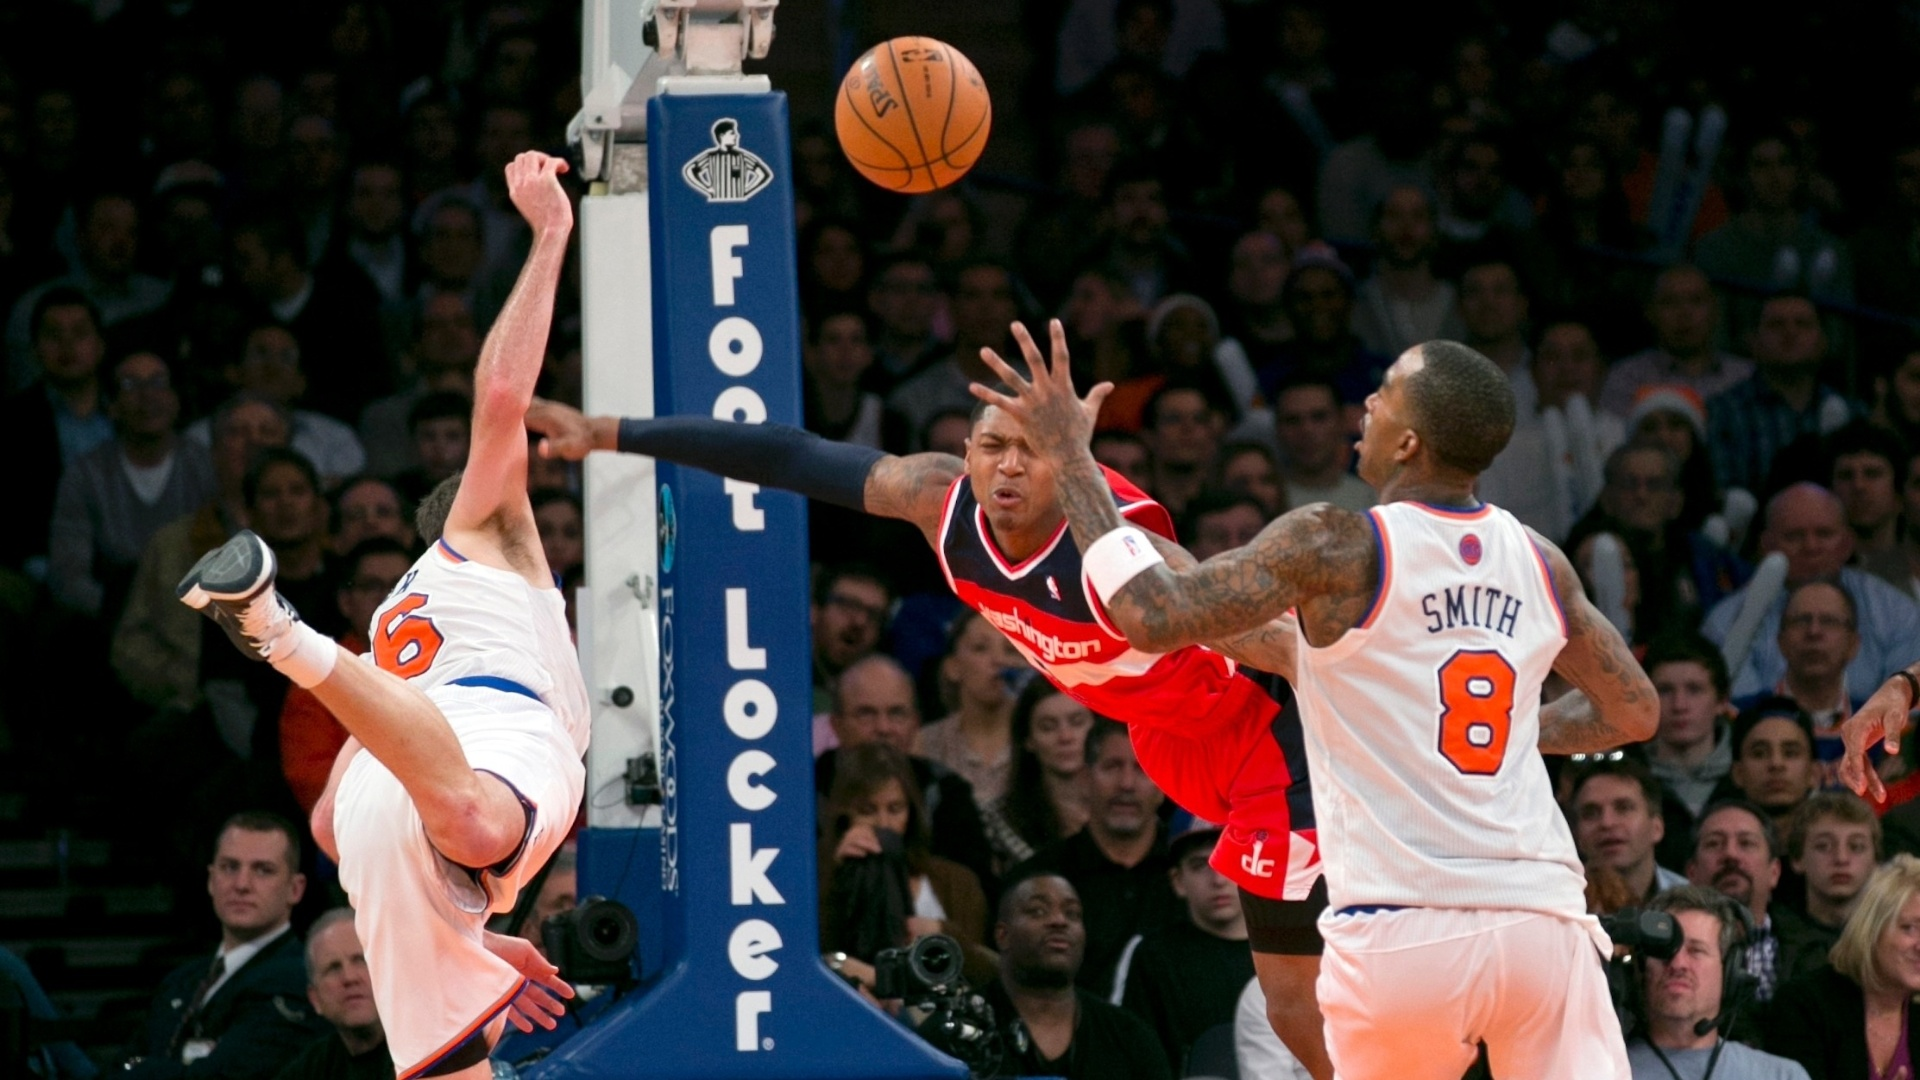 01.dez.2012 - Bradley Beal, do Washington Wizards (no centro), tenta bloquear a jogada de Steve Novak (à direita), do New York Knicks, em partida válida pela NBA.